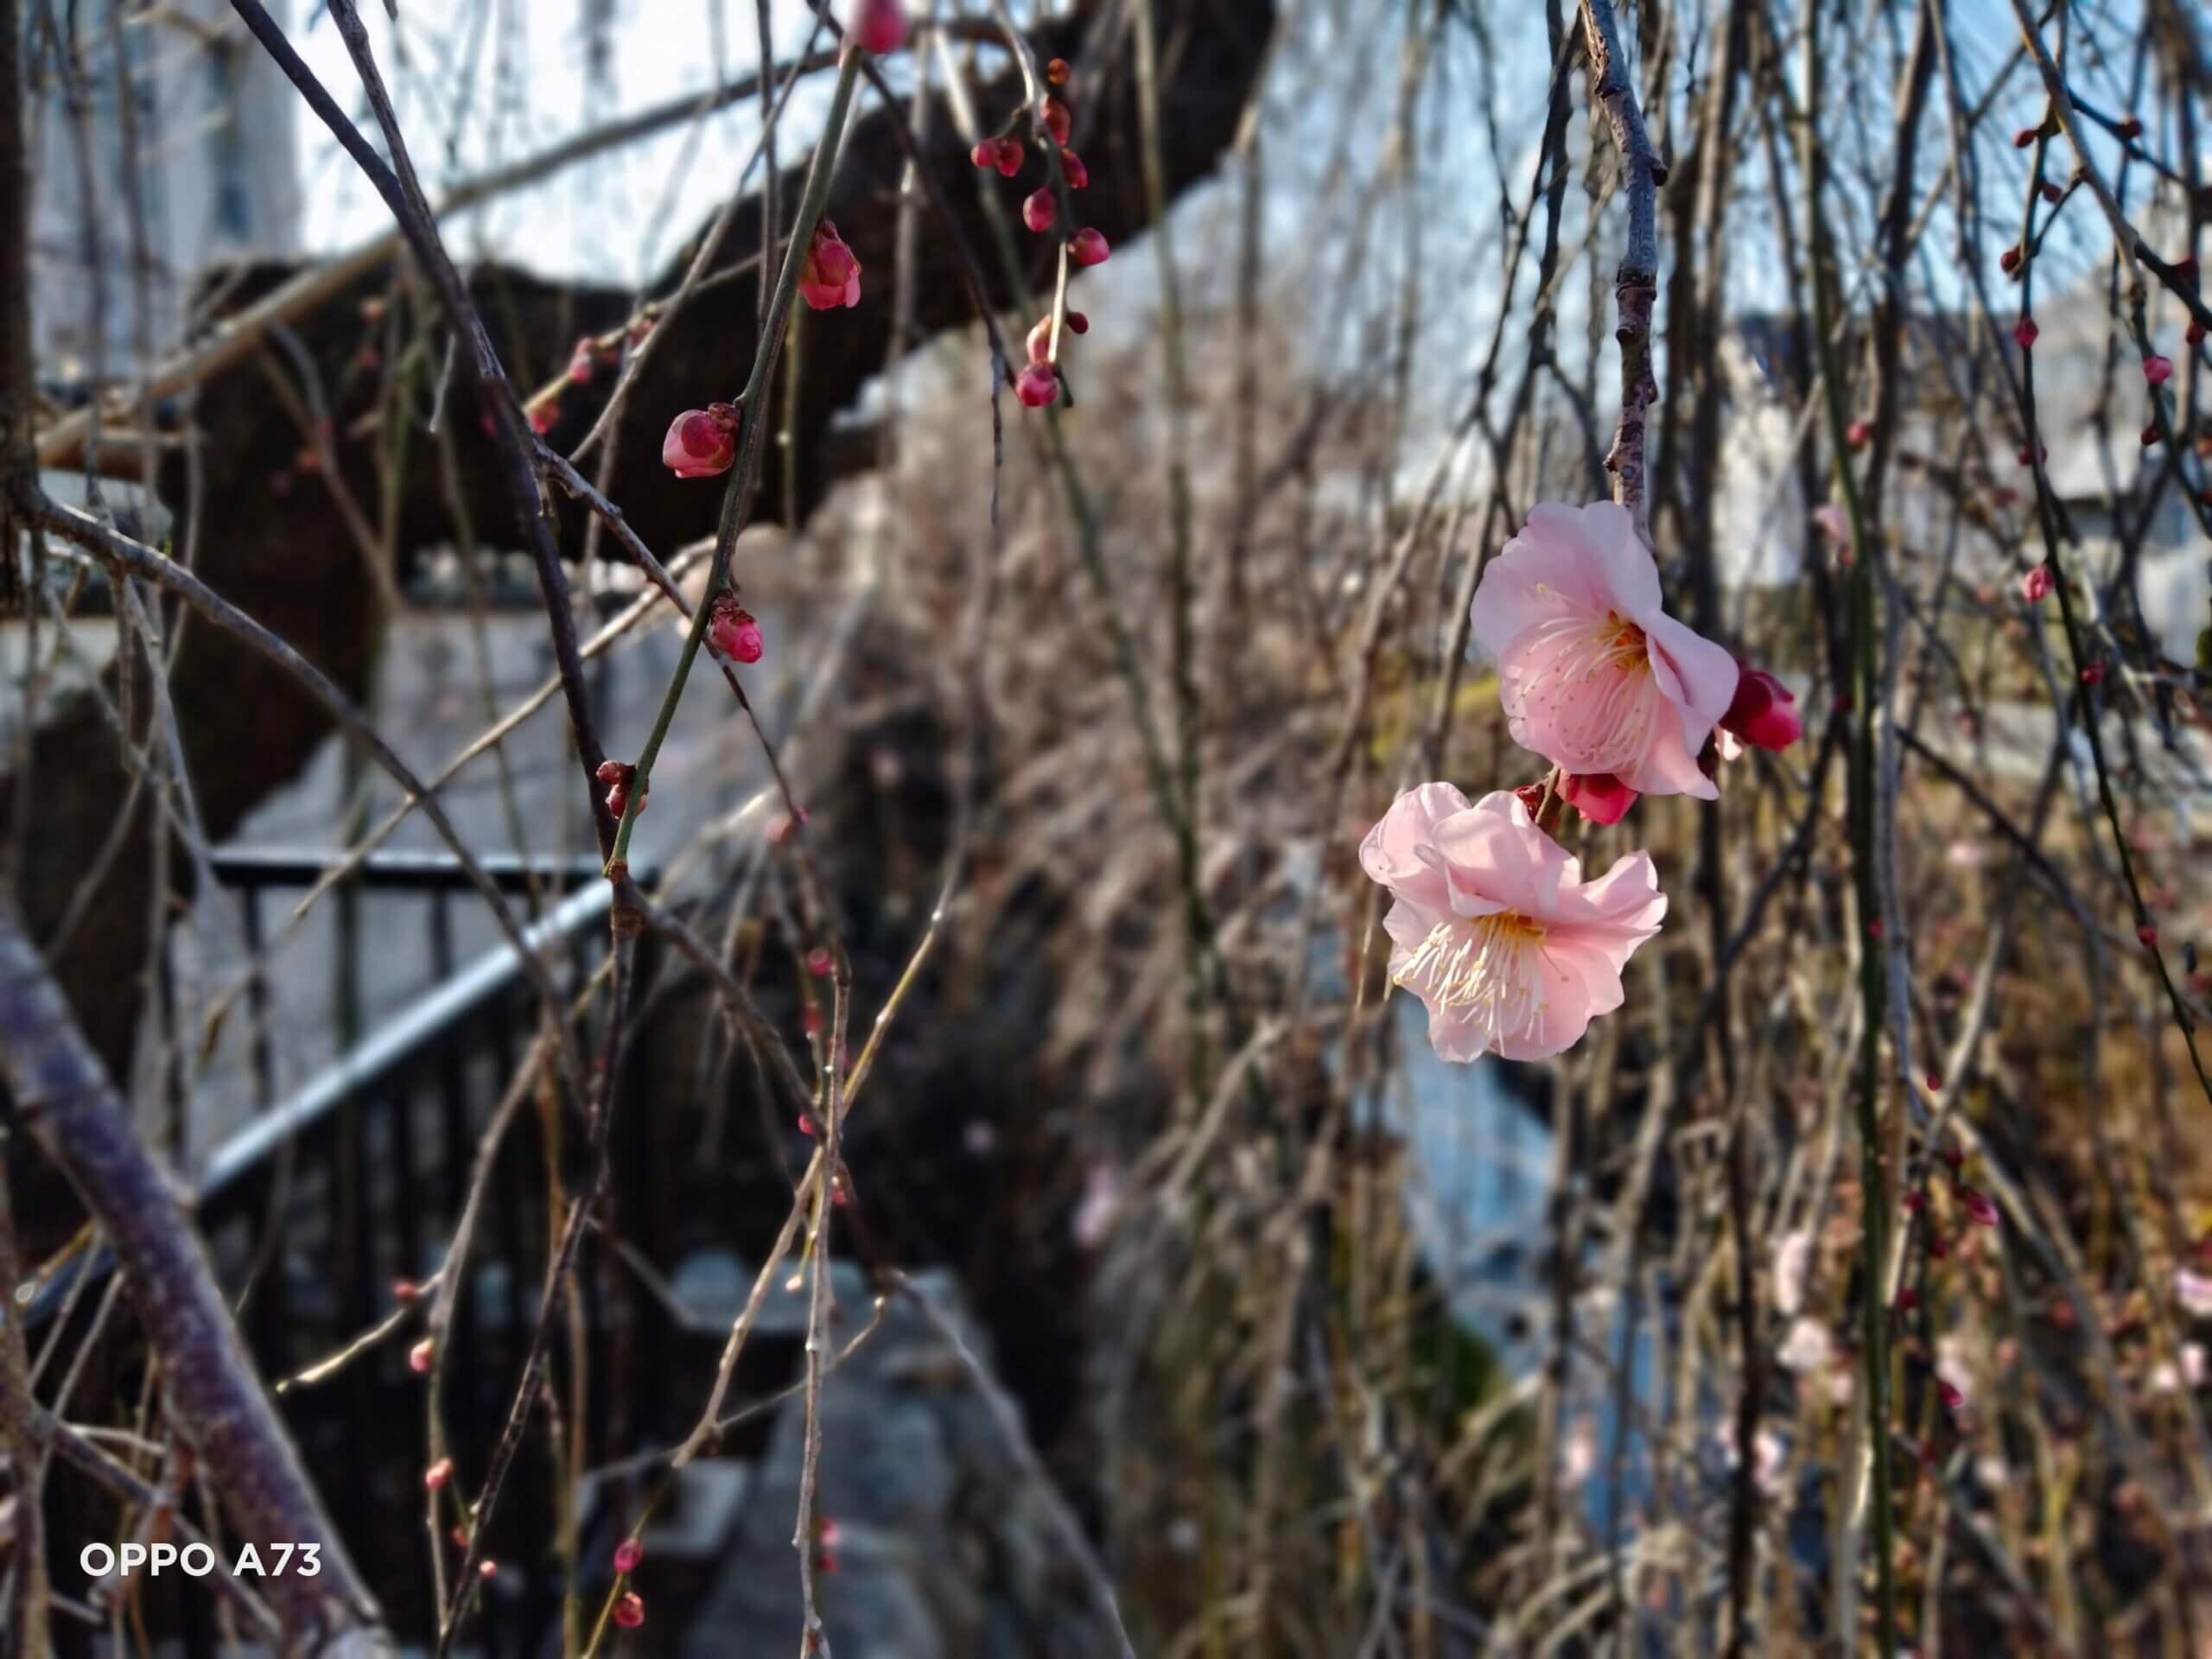 OPPO A73で撮影した花の写真